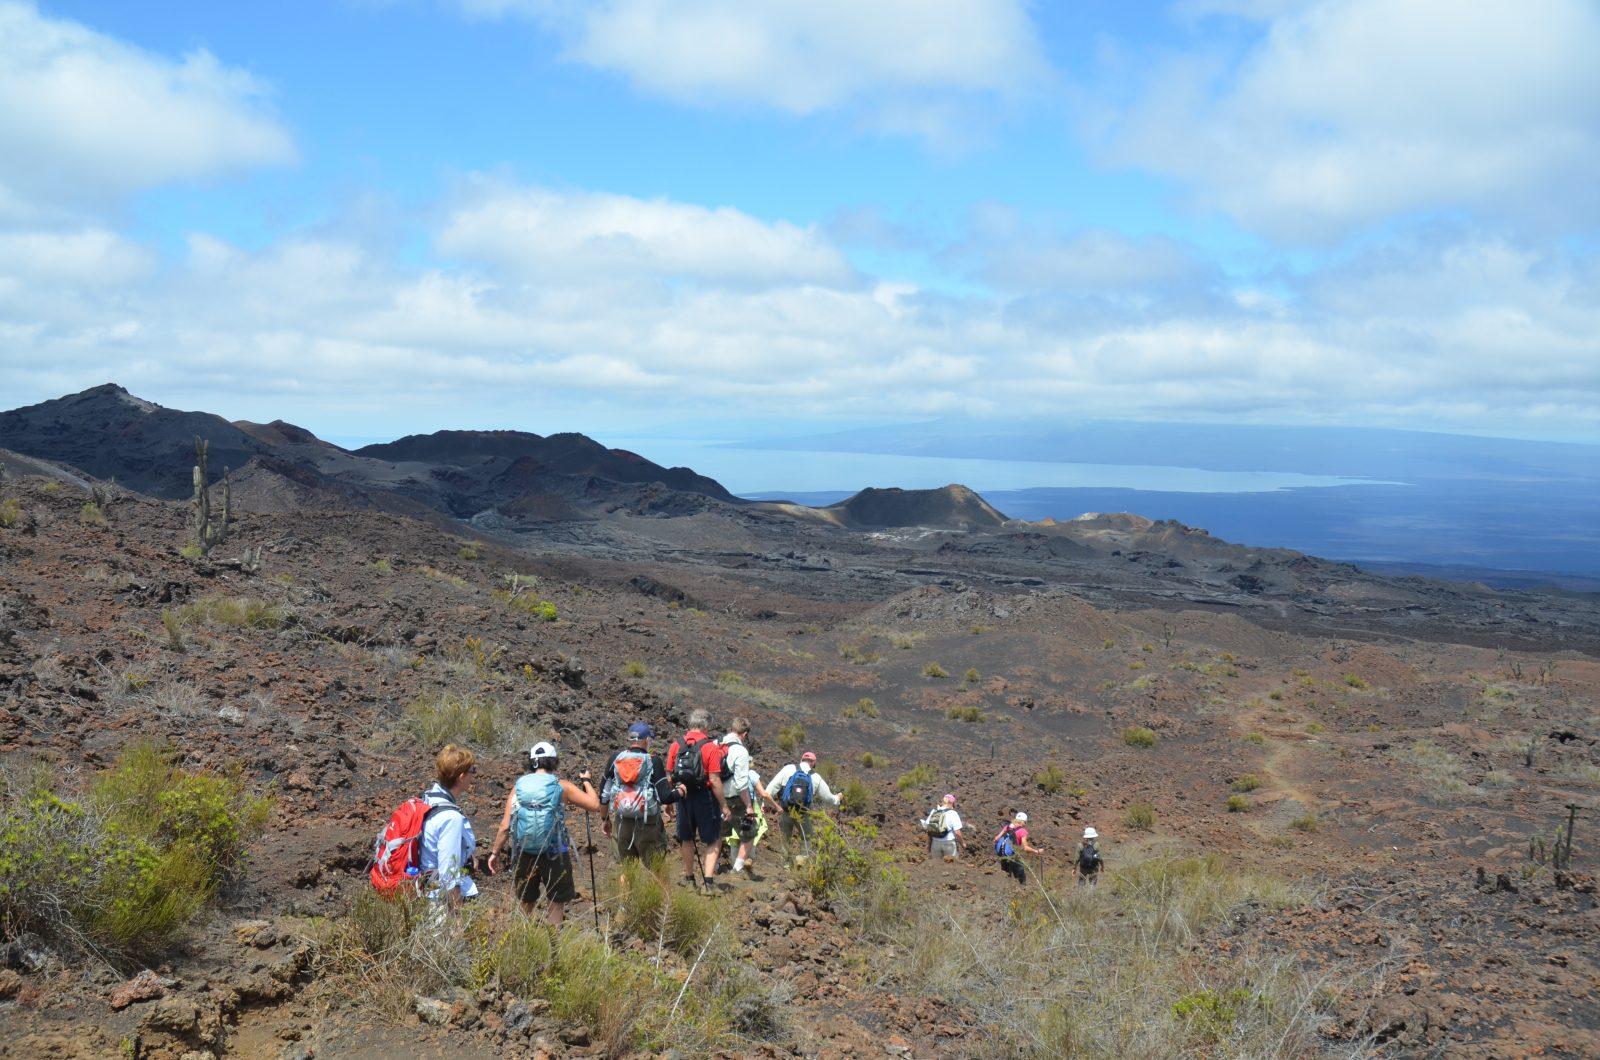 Sierra Negra Volcano Hike on Isabela. Photo courtesy of Galakiwi